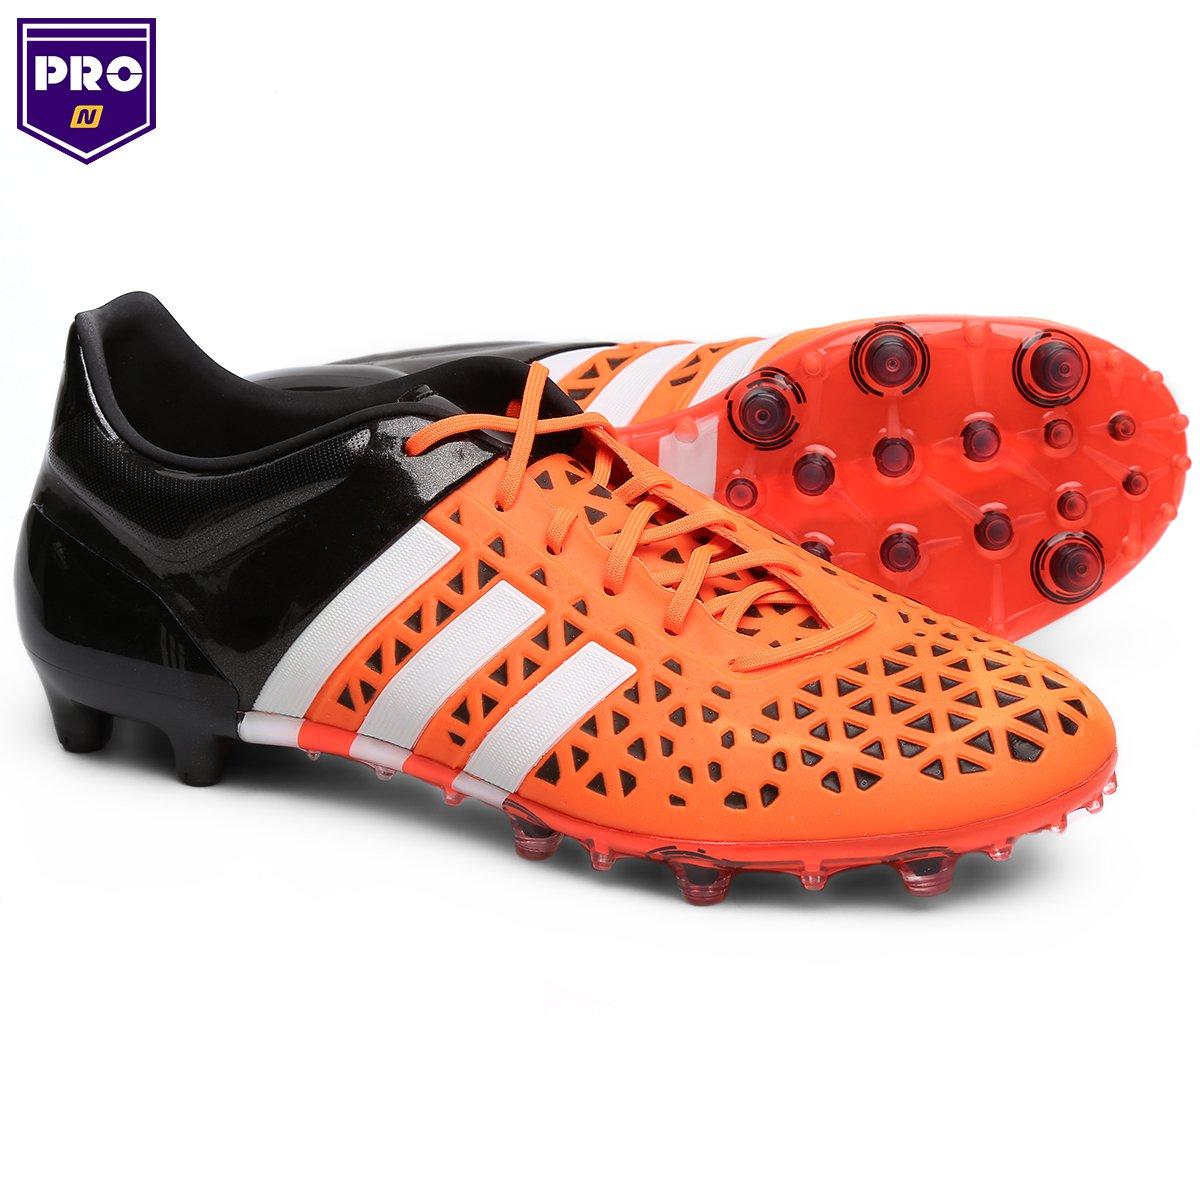 Chuteira Campo Adidas Ace 15 1 FG - Compre Agora  45436c4947b2a